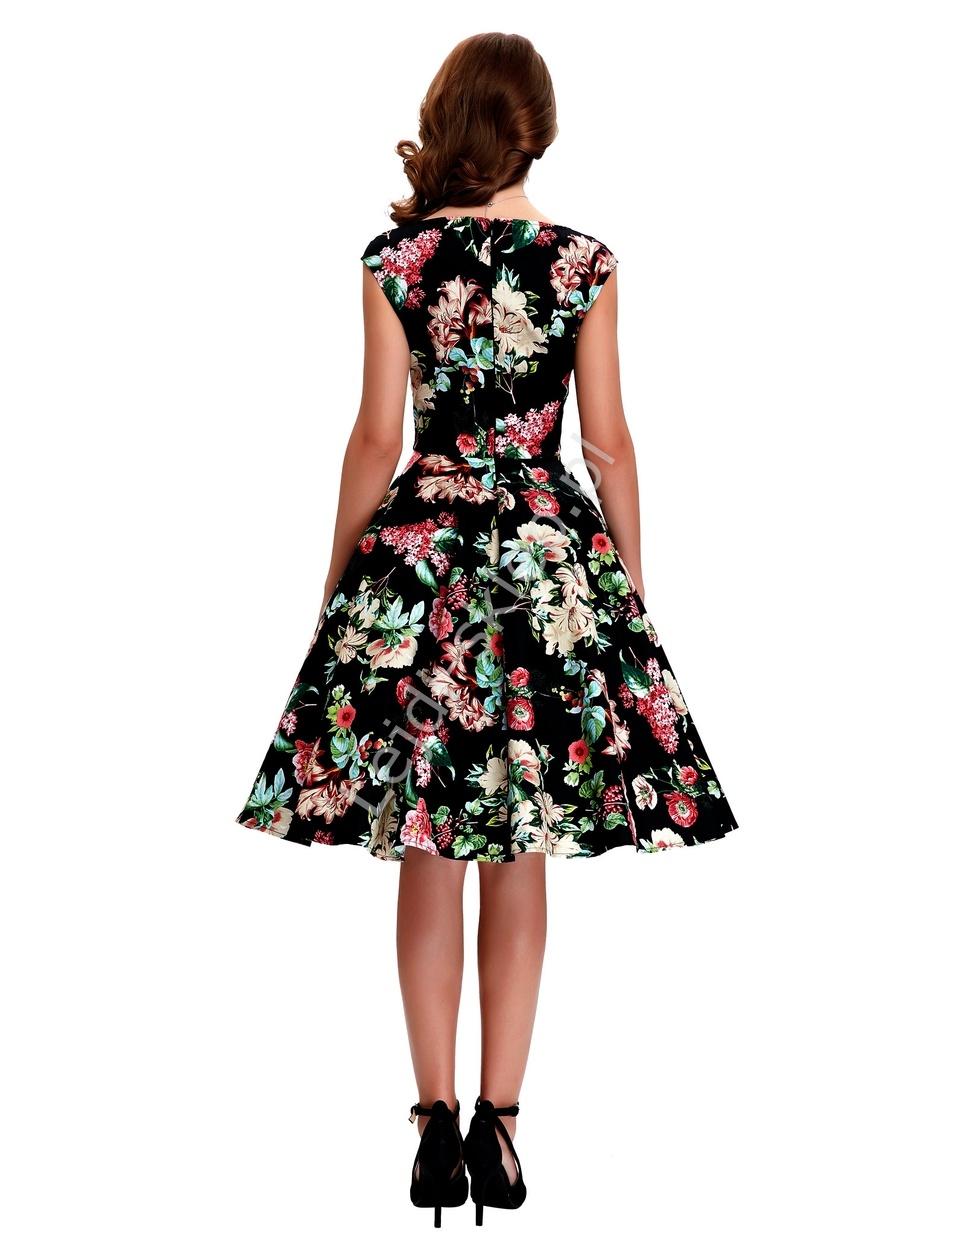 79b990fc26 Sukienka pin-up czarna w kolorowe kwiaty r.36 - r.48